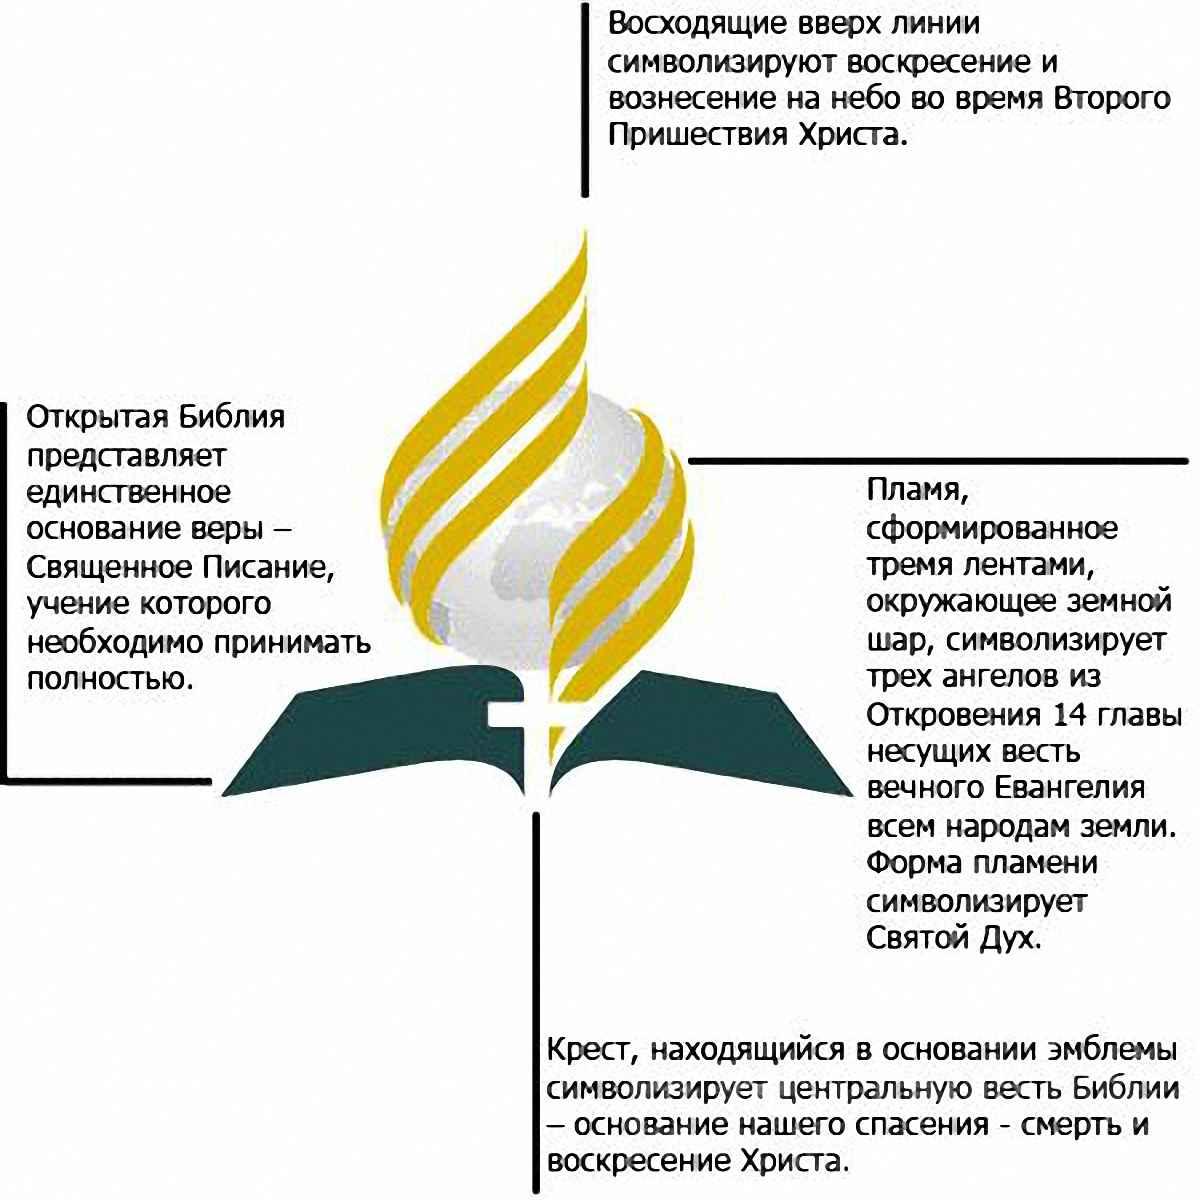 Эмблема Адвентистов Седьмого Дня